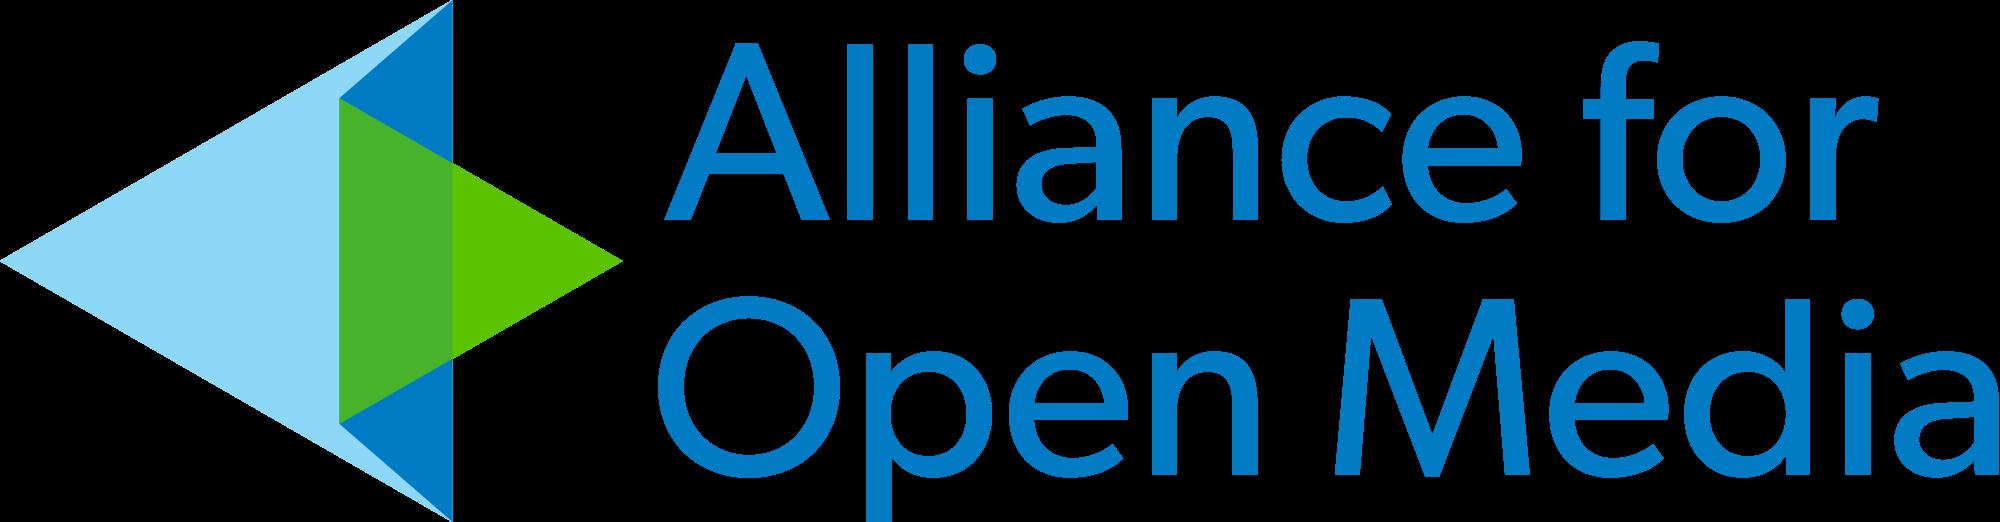 Alliance for Open Media logo